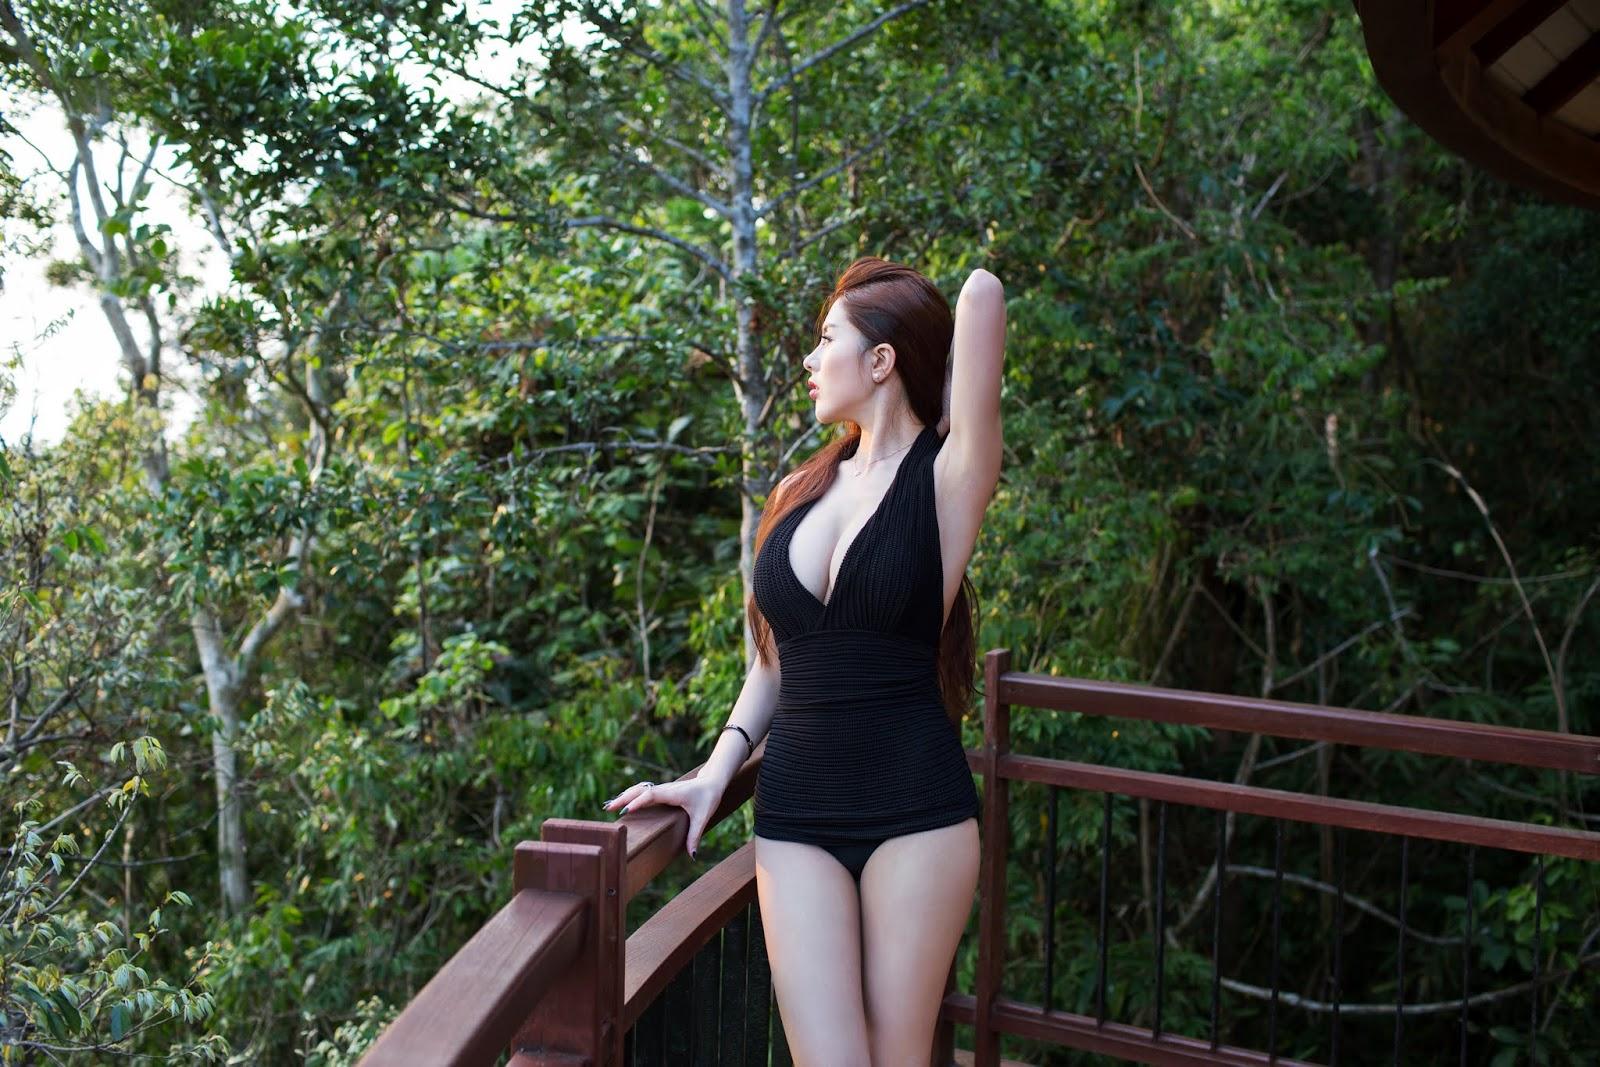 %252B%252B%252B%25C2%25AC %252B 31 - Naked Nude Girl TUIGIRL NO.51 Model